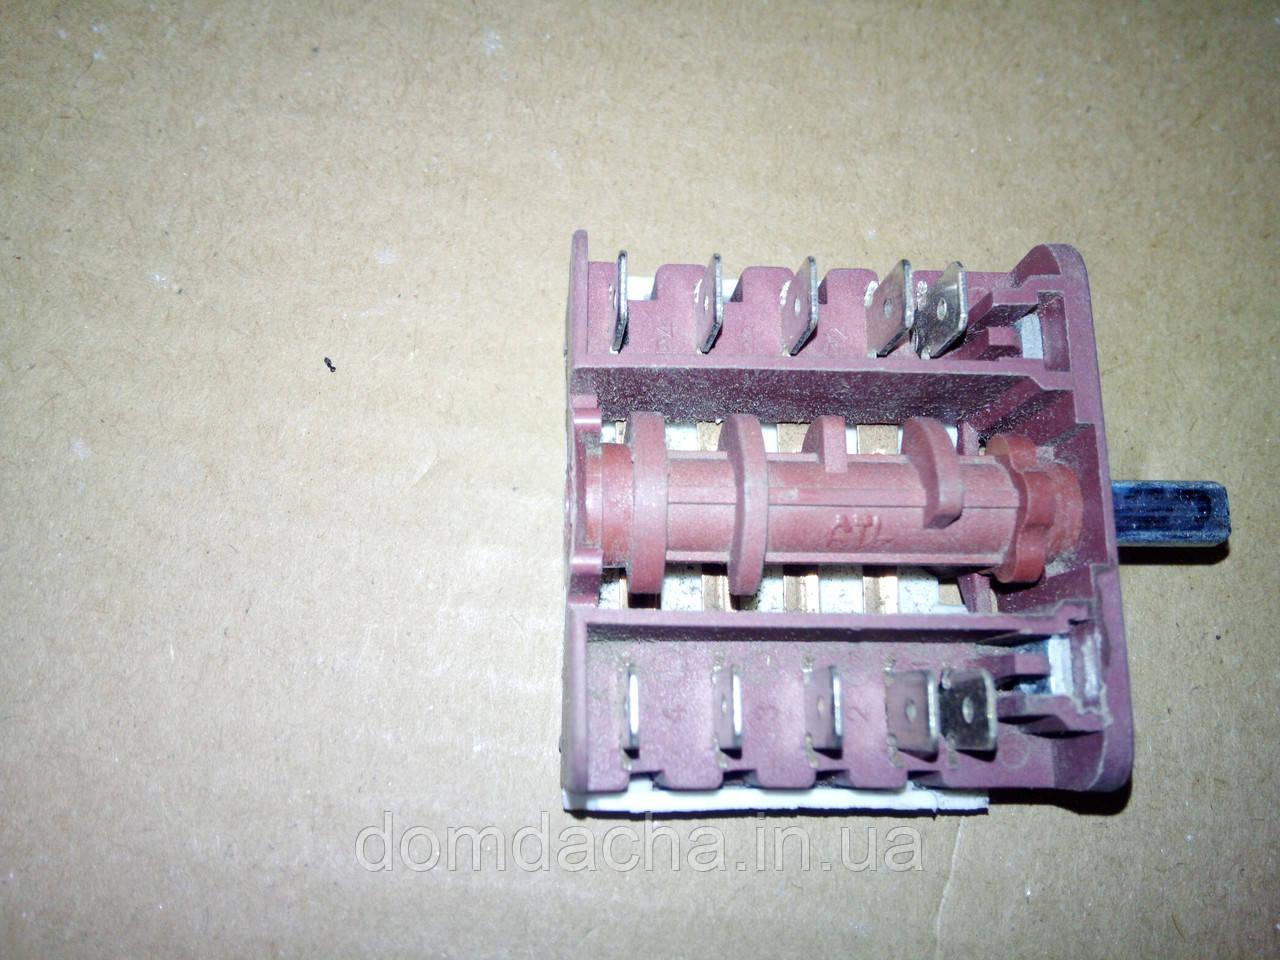 Перемикач п'ятипозиційний BC4-10/16А/250V/Т150 для електроплит Туреччина